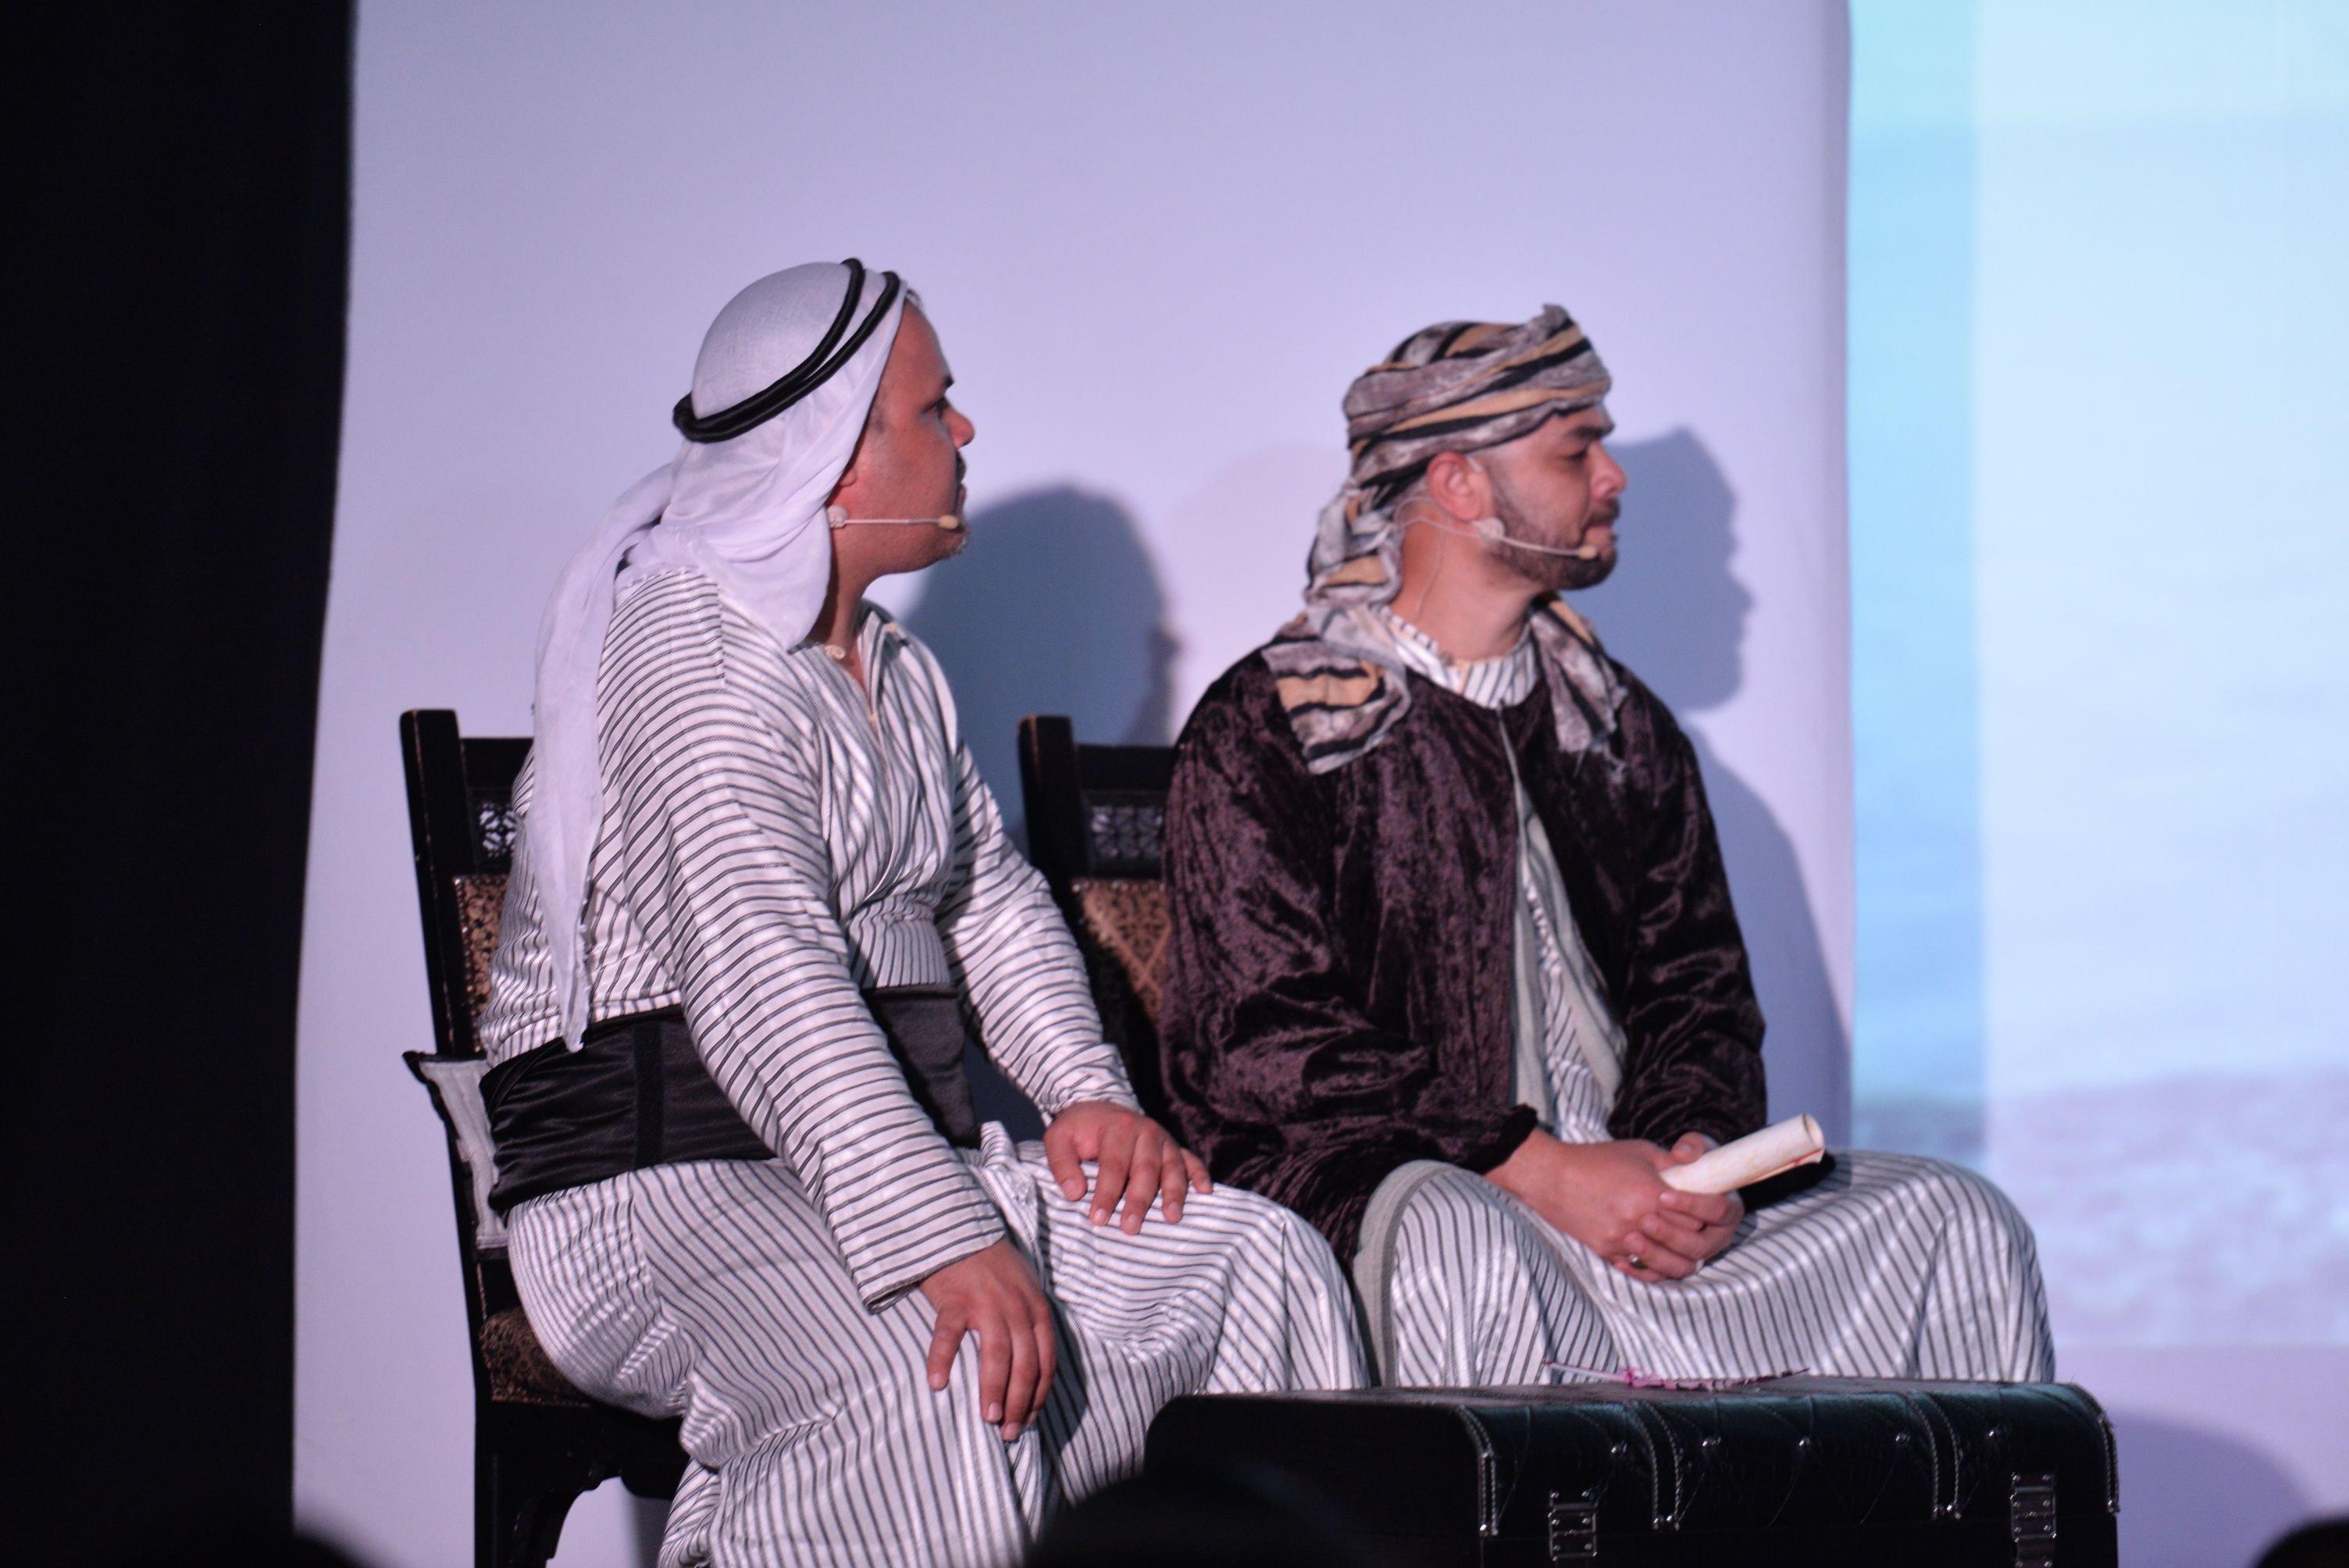 عروض رائعة للسلة الثقافية في مدرسة أورط على أسم حلمي الشافعي عكا